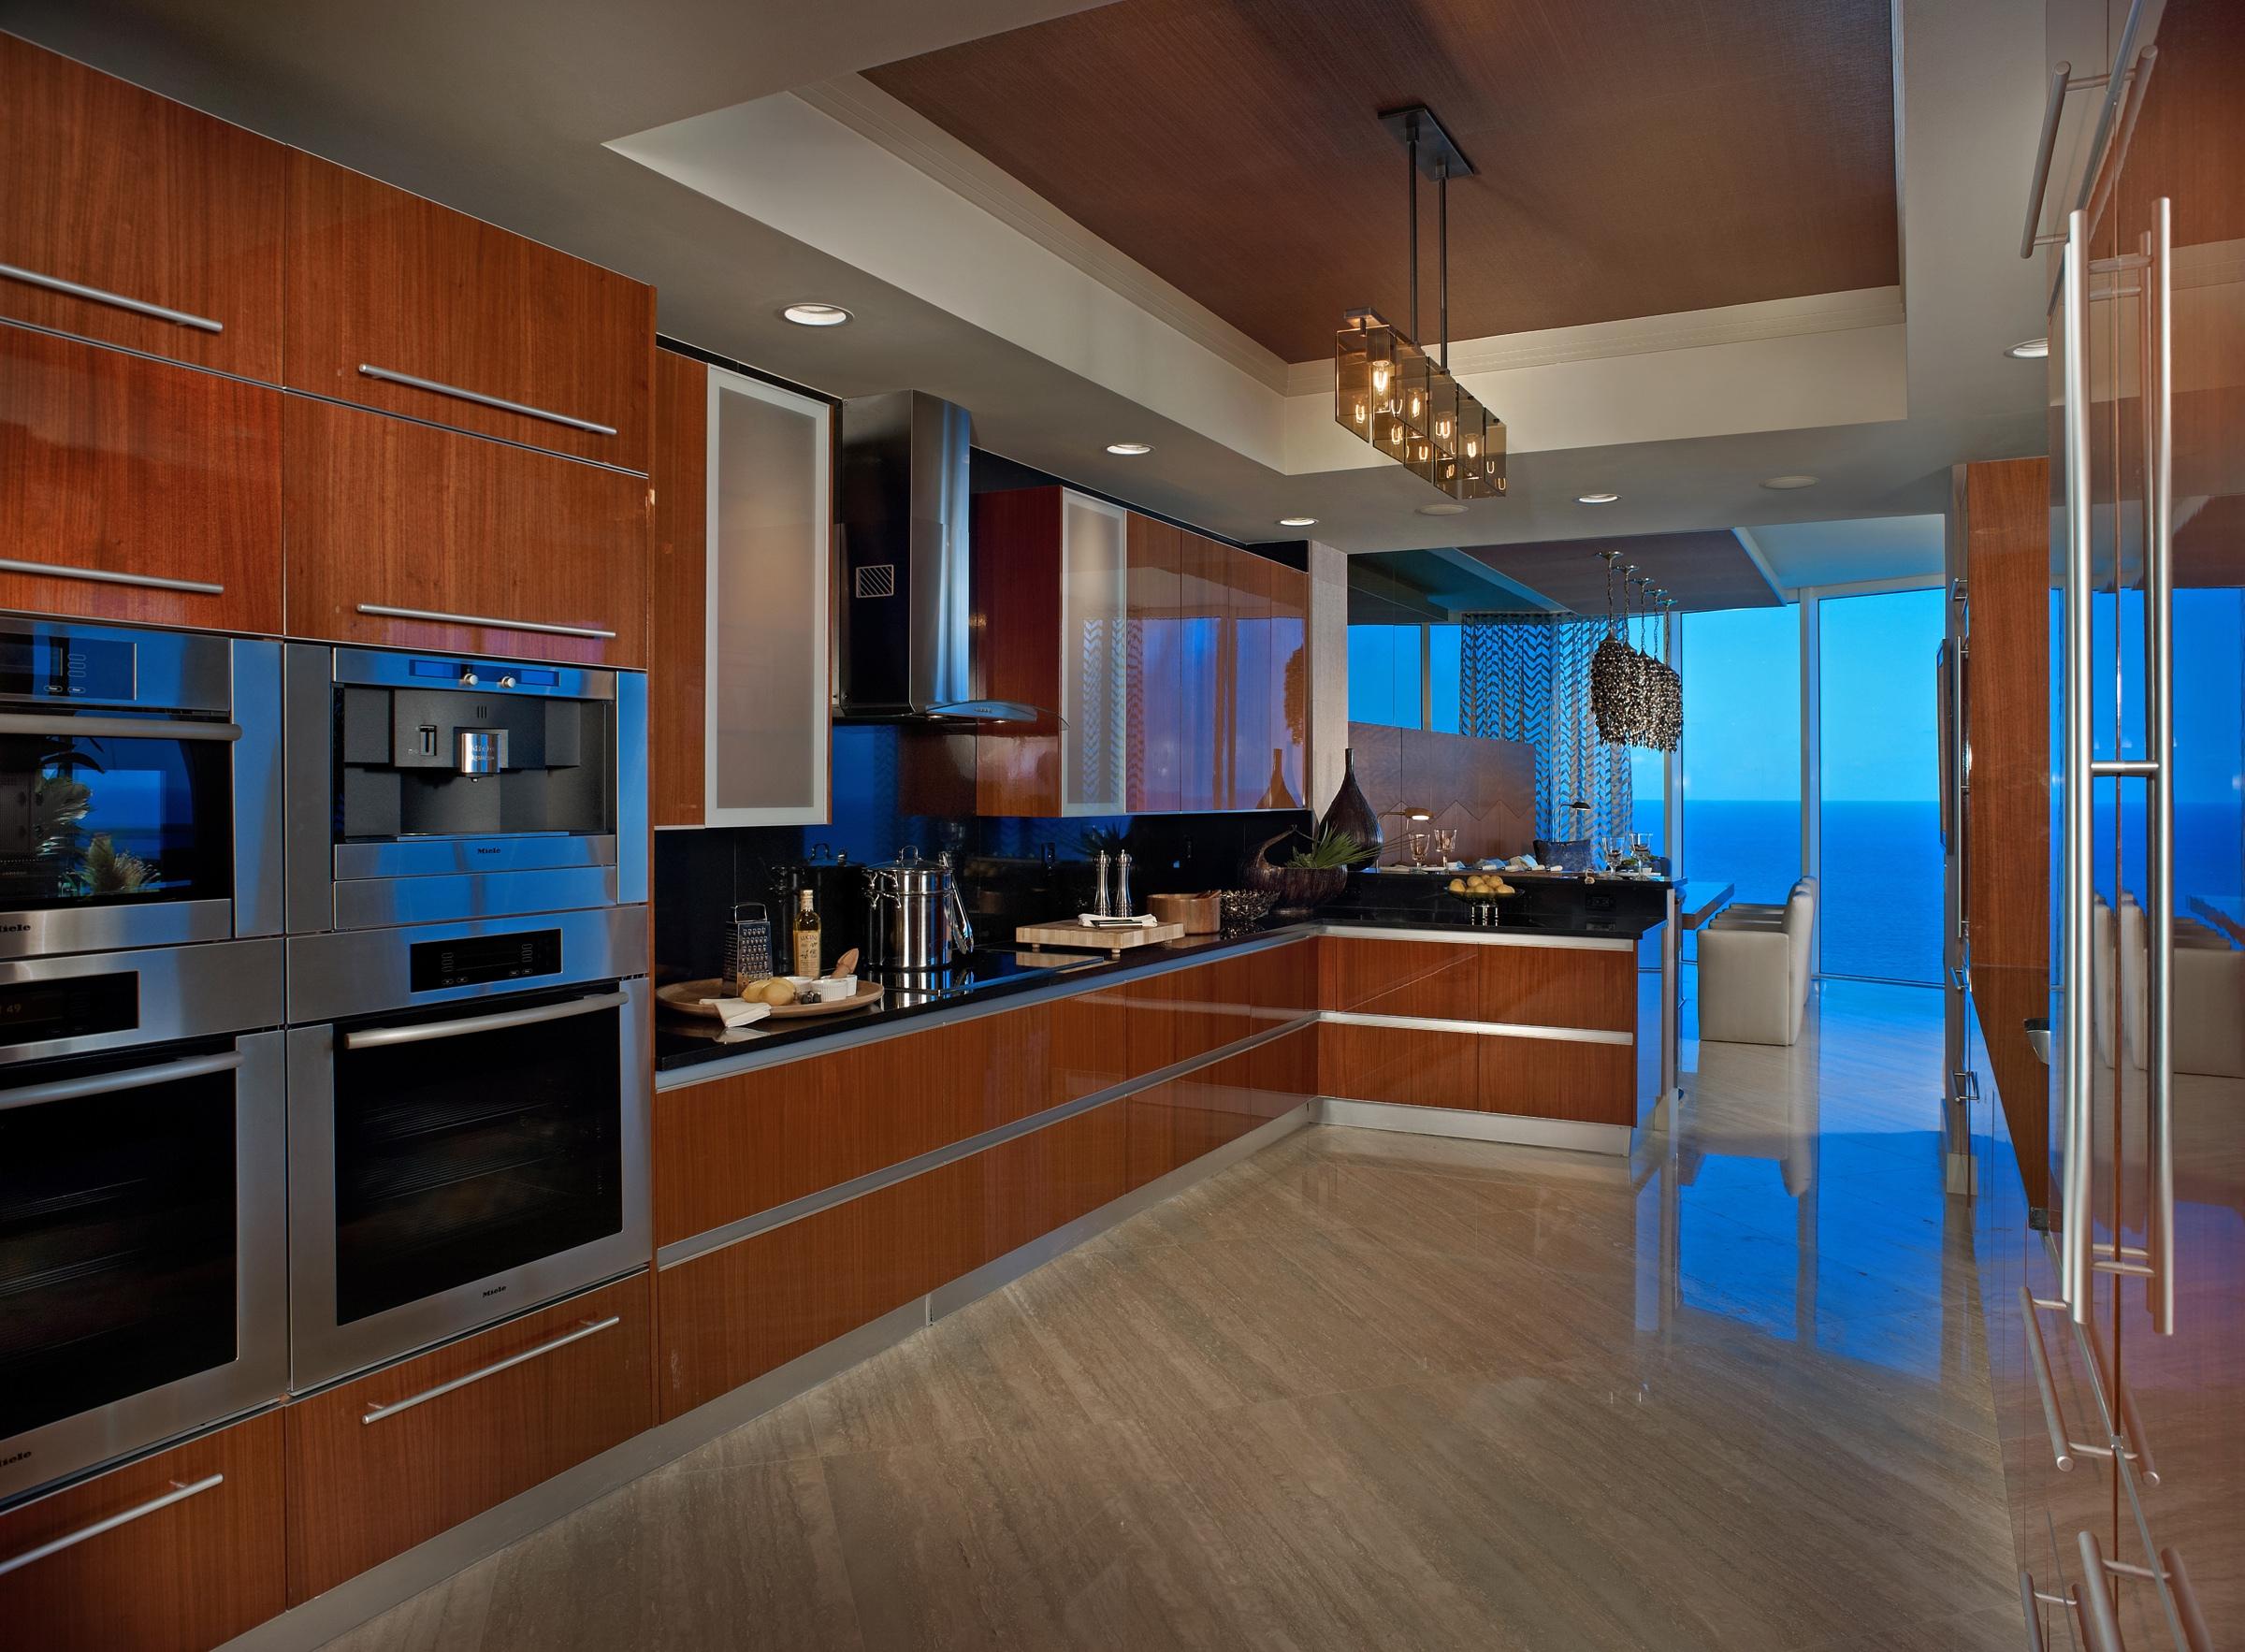 Hintergrundbilder : Zimmer, Innere, Haus, Küche, Innenarchitektur ...